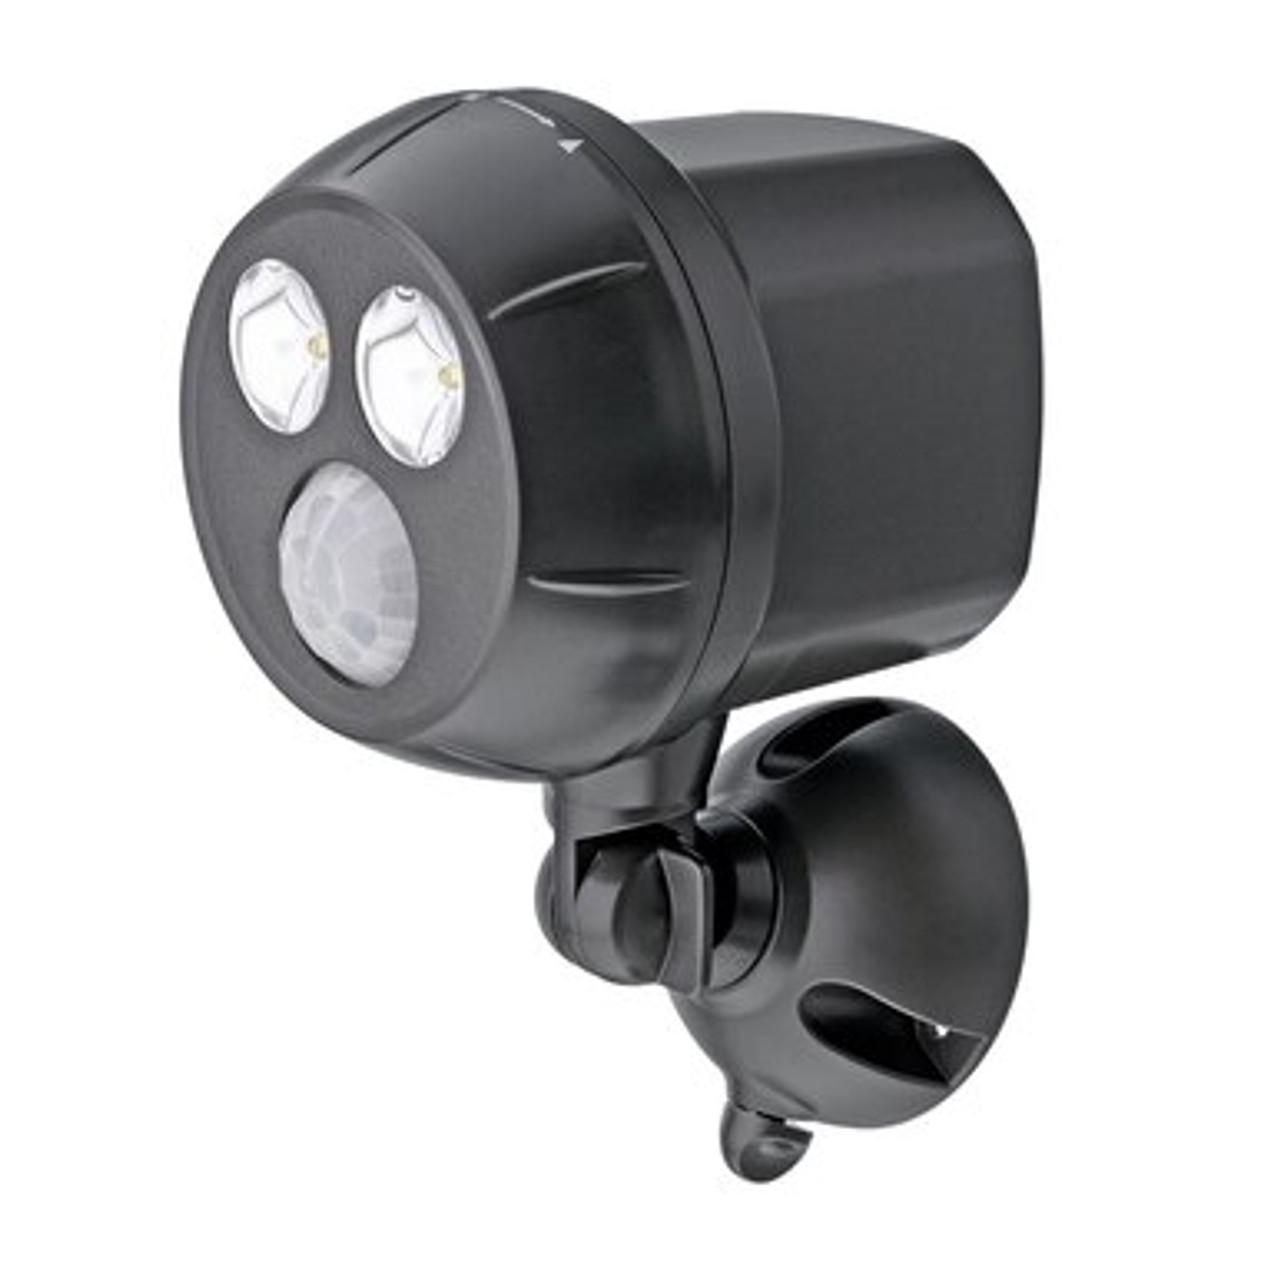 mr beams ultrabright led wireless motion sensor spotlight